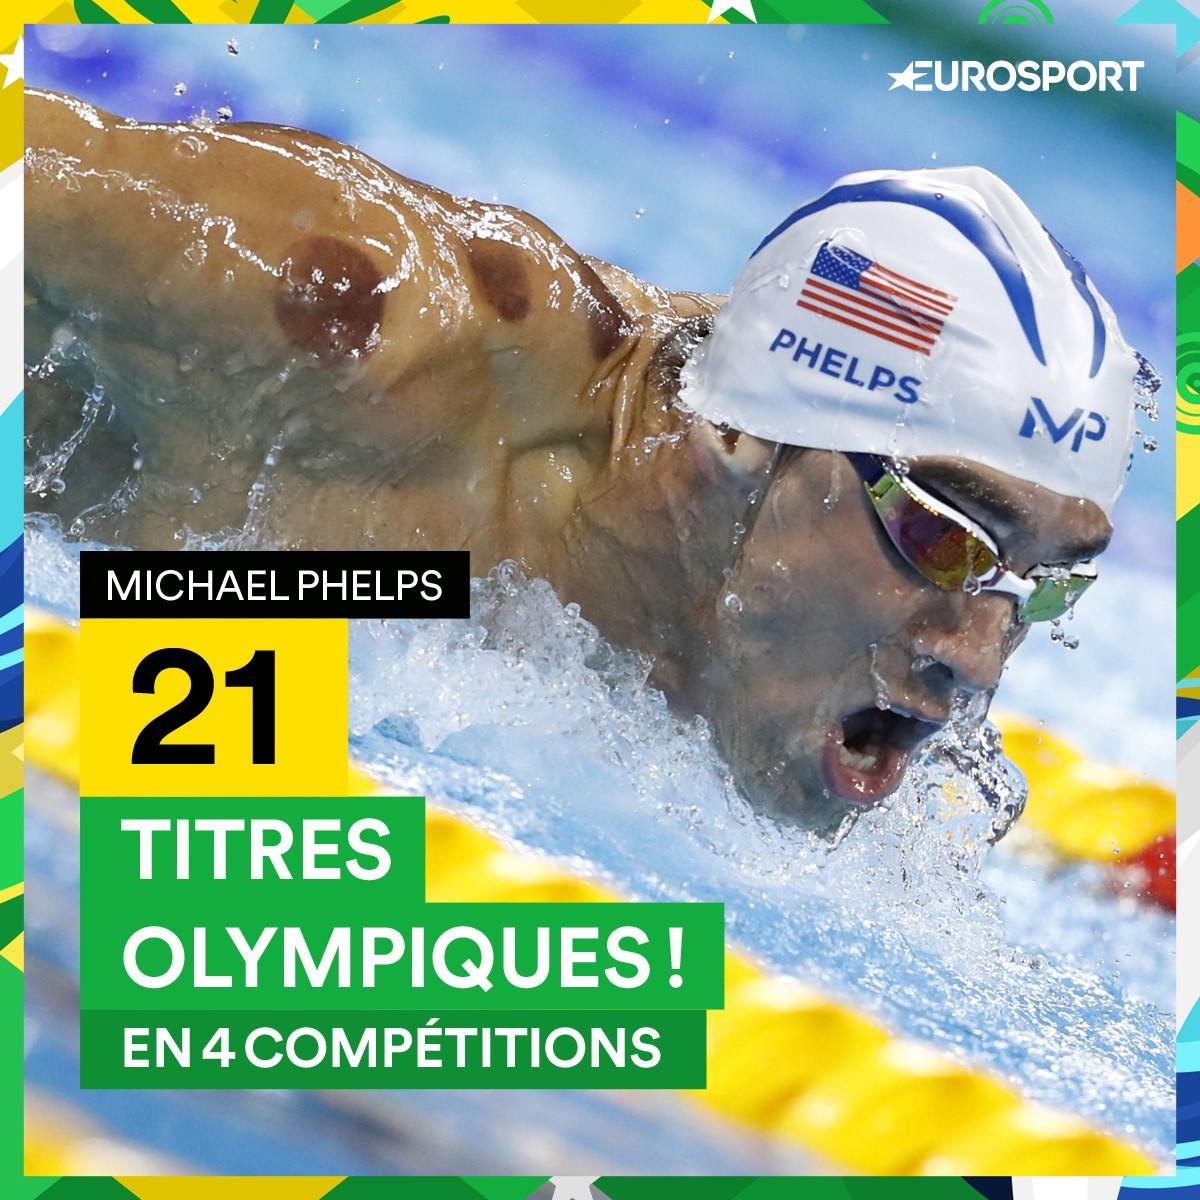 Visuel : 21 médailles d'or olympiques pour Michael Phelps